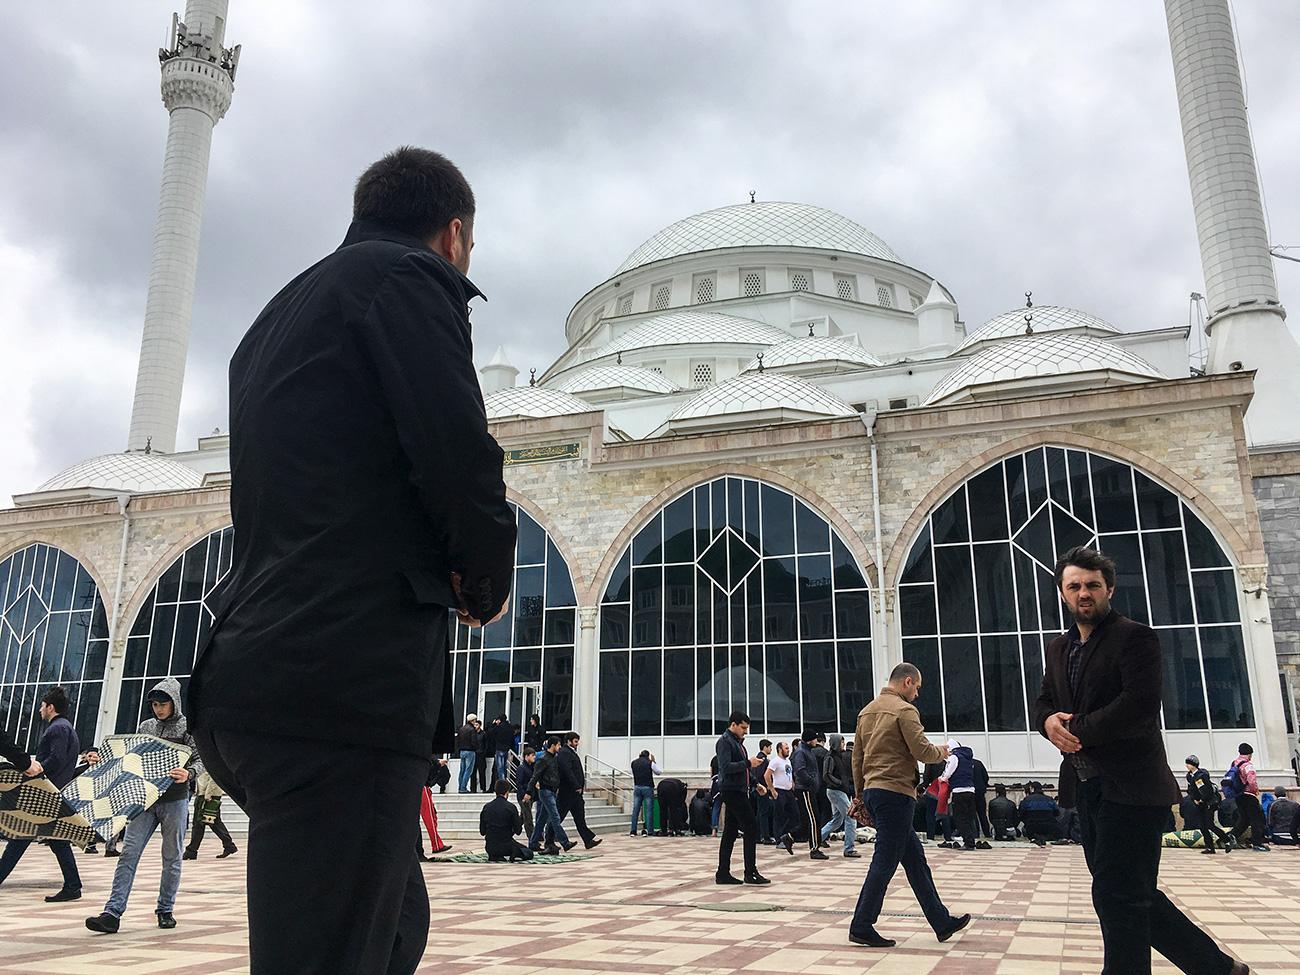 La ville compte une forte population musulmane (90%). Son monument principal est la sœur cadette de la célèbre Mosquée bleue à Istanbul, la mosquée Djouma, qui peut accueillir jusqu'à 16 000 fidèles. « La prière du vendredi à la mosquée Djouma met en effervescence toute la ville et crée d'énormes embouteillages », indique Vladimir Sevrinovski, guide et expert de la culture caucasienne.